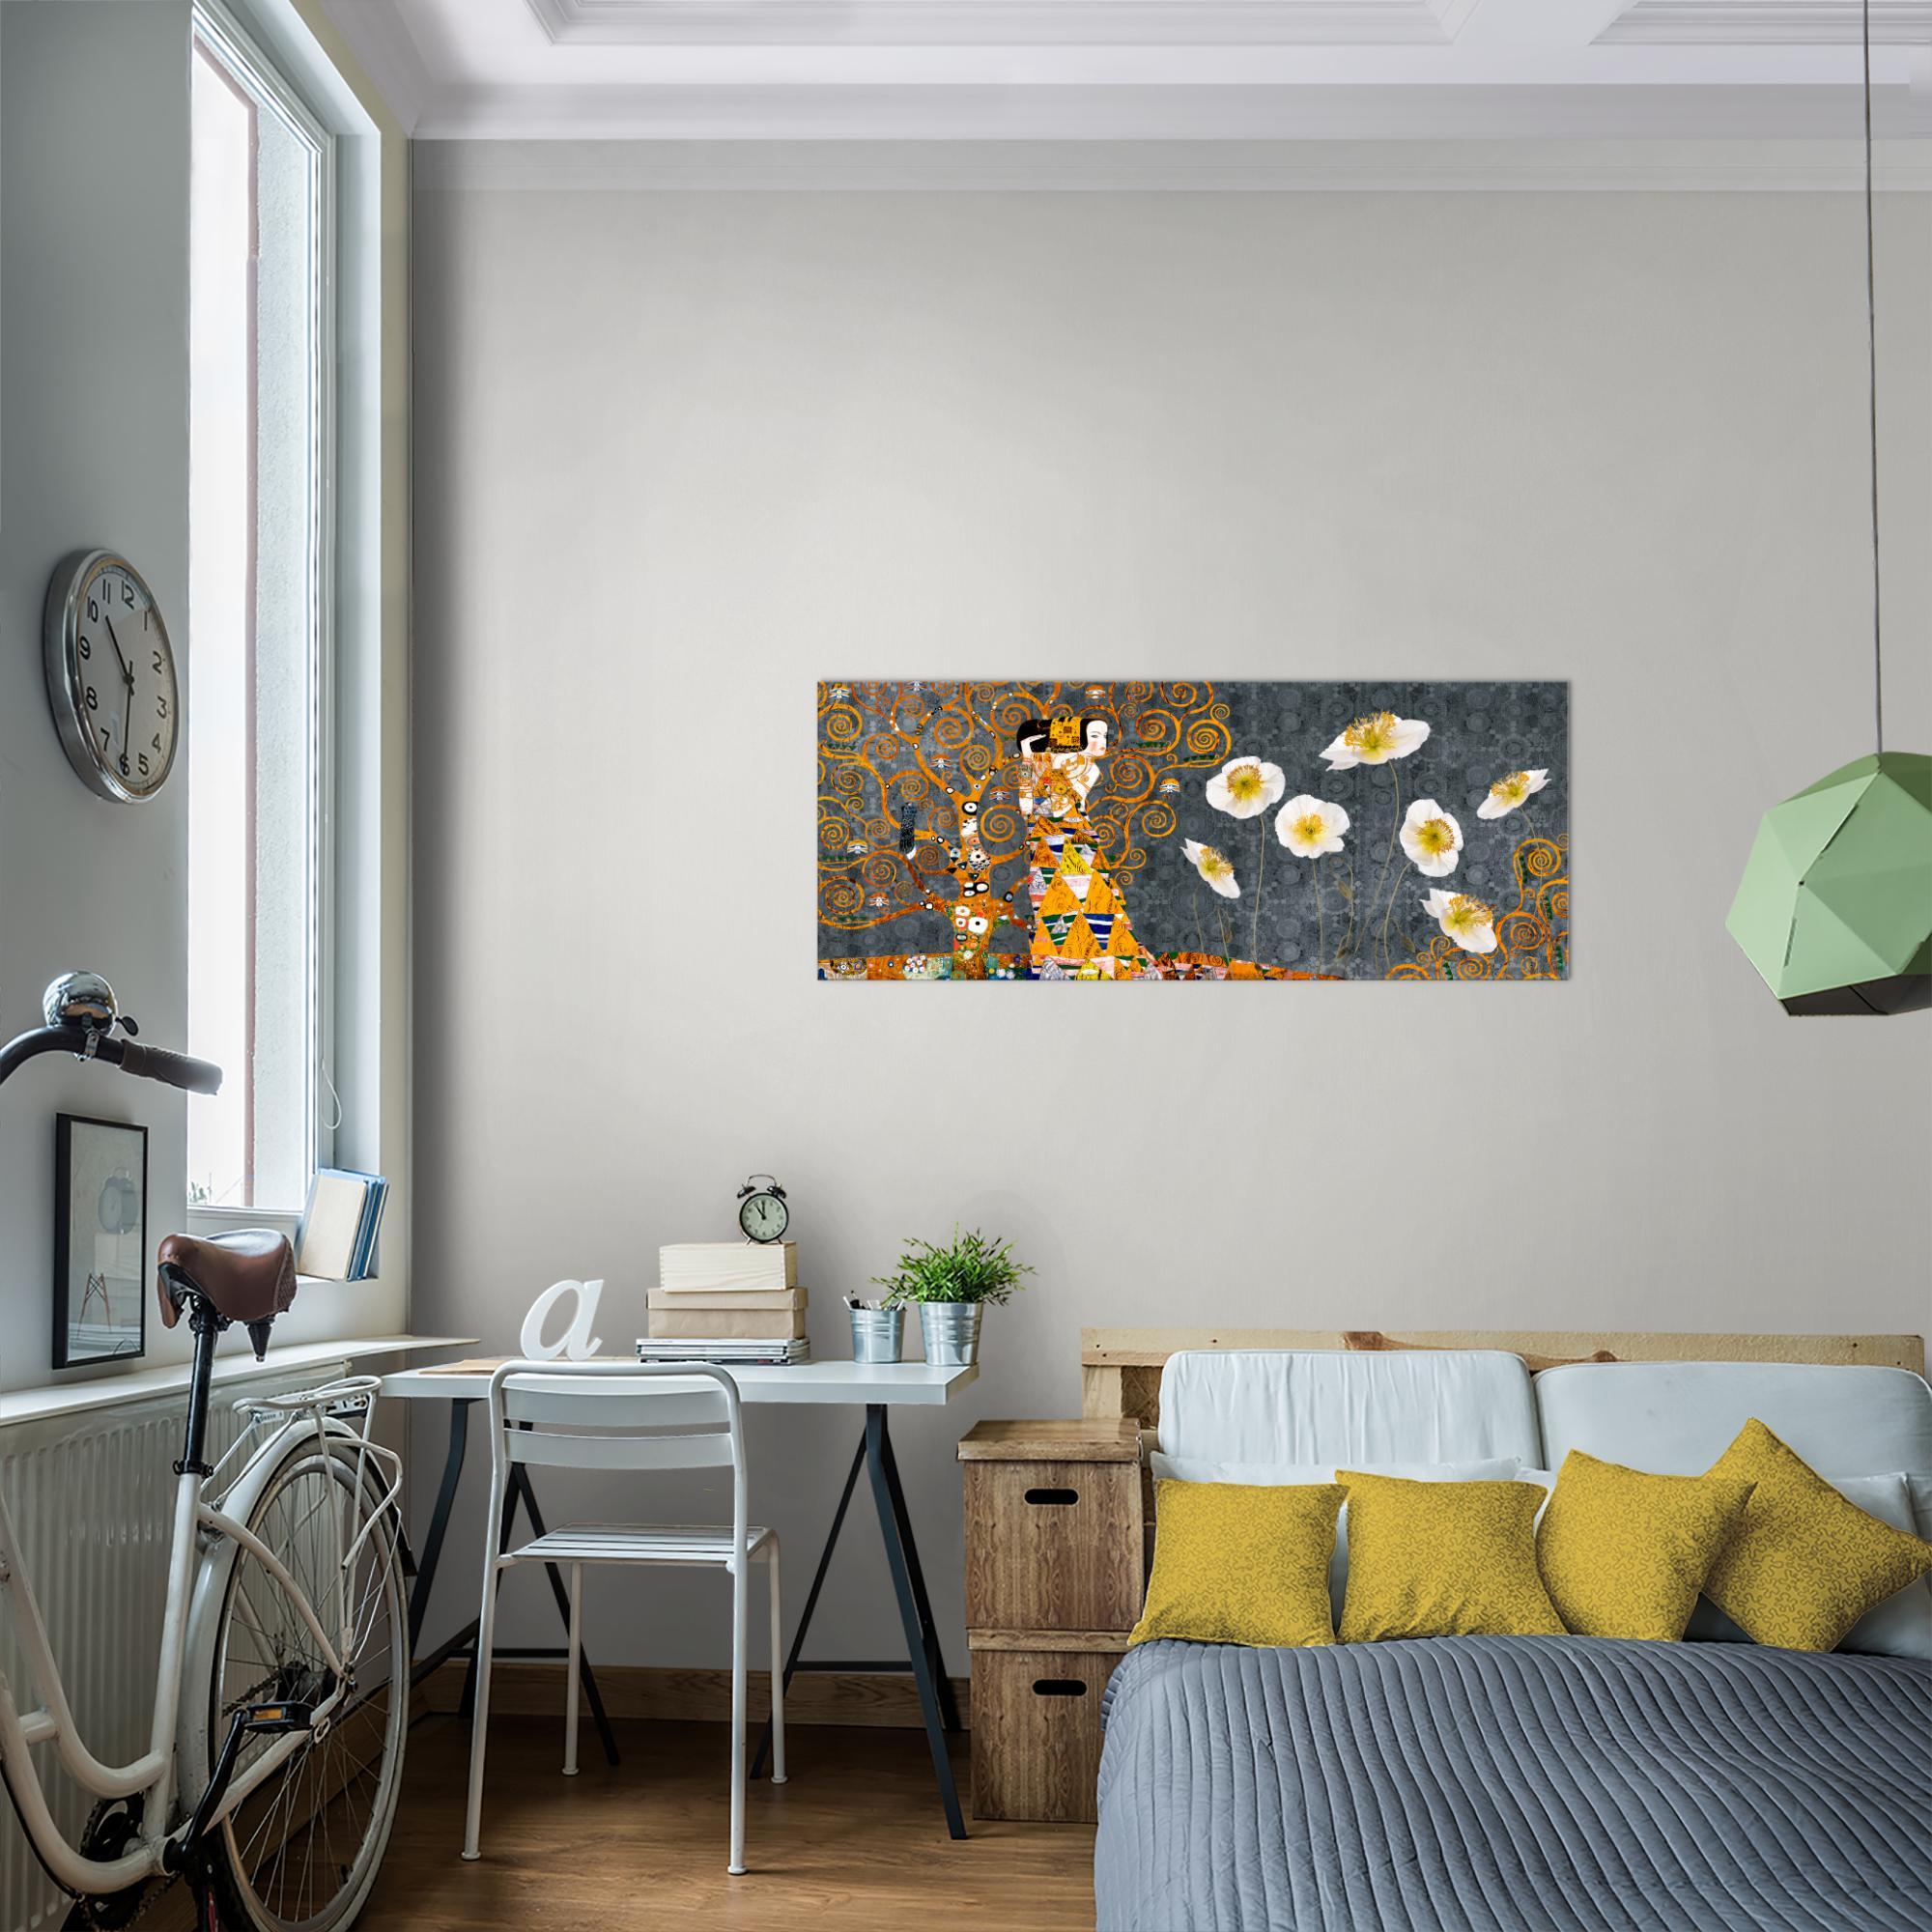 gustav klimt bild kunstdruck auf vlies leinwand xxl dekoration 021412p. Black Bedroom Furniture Sets. Home Design Ideas